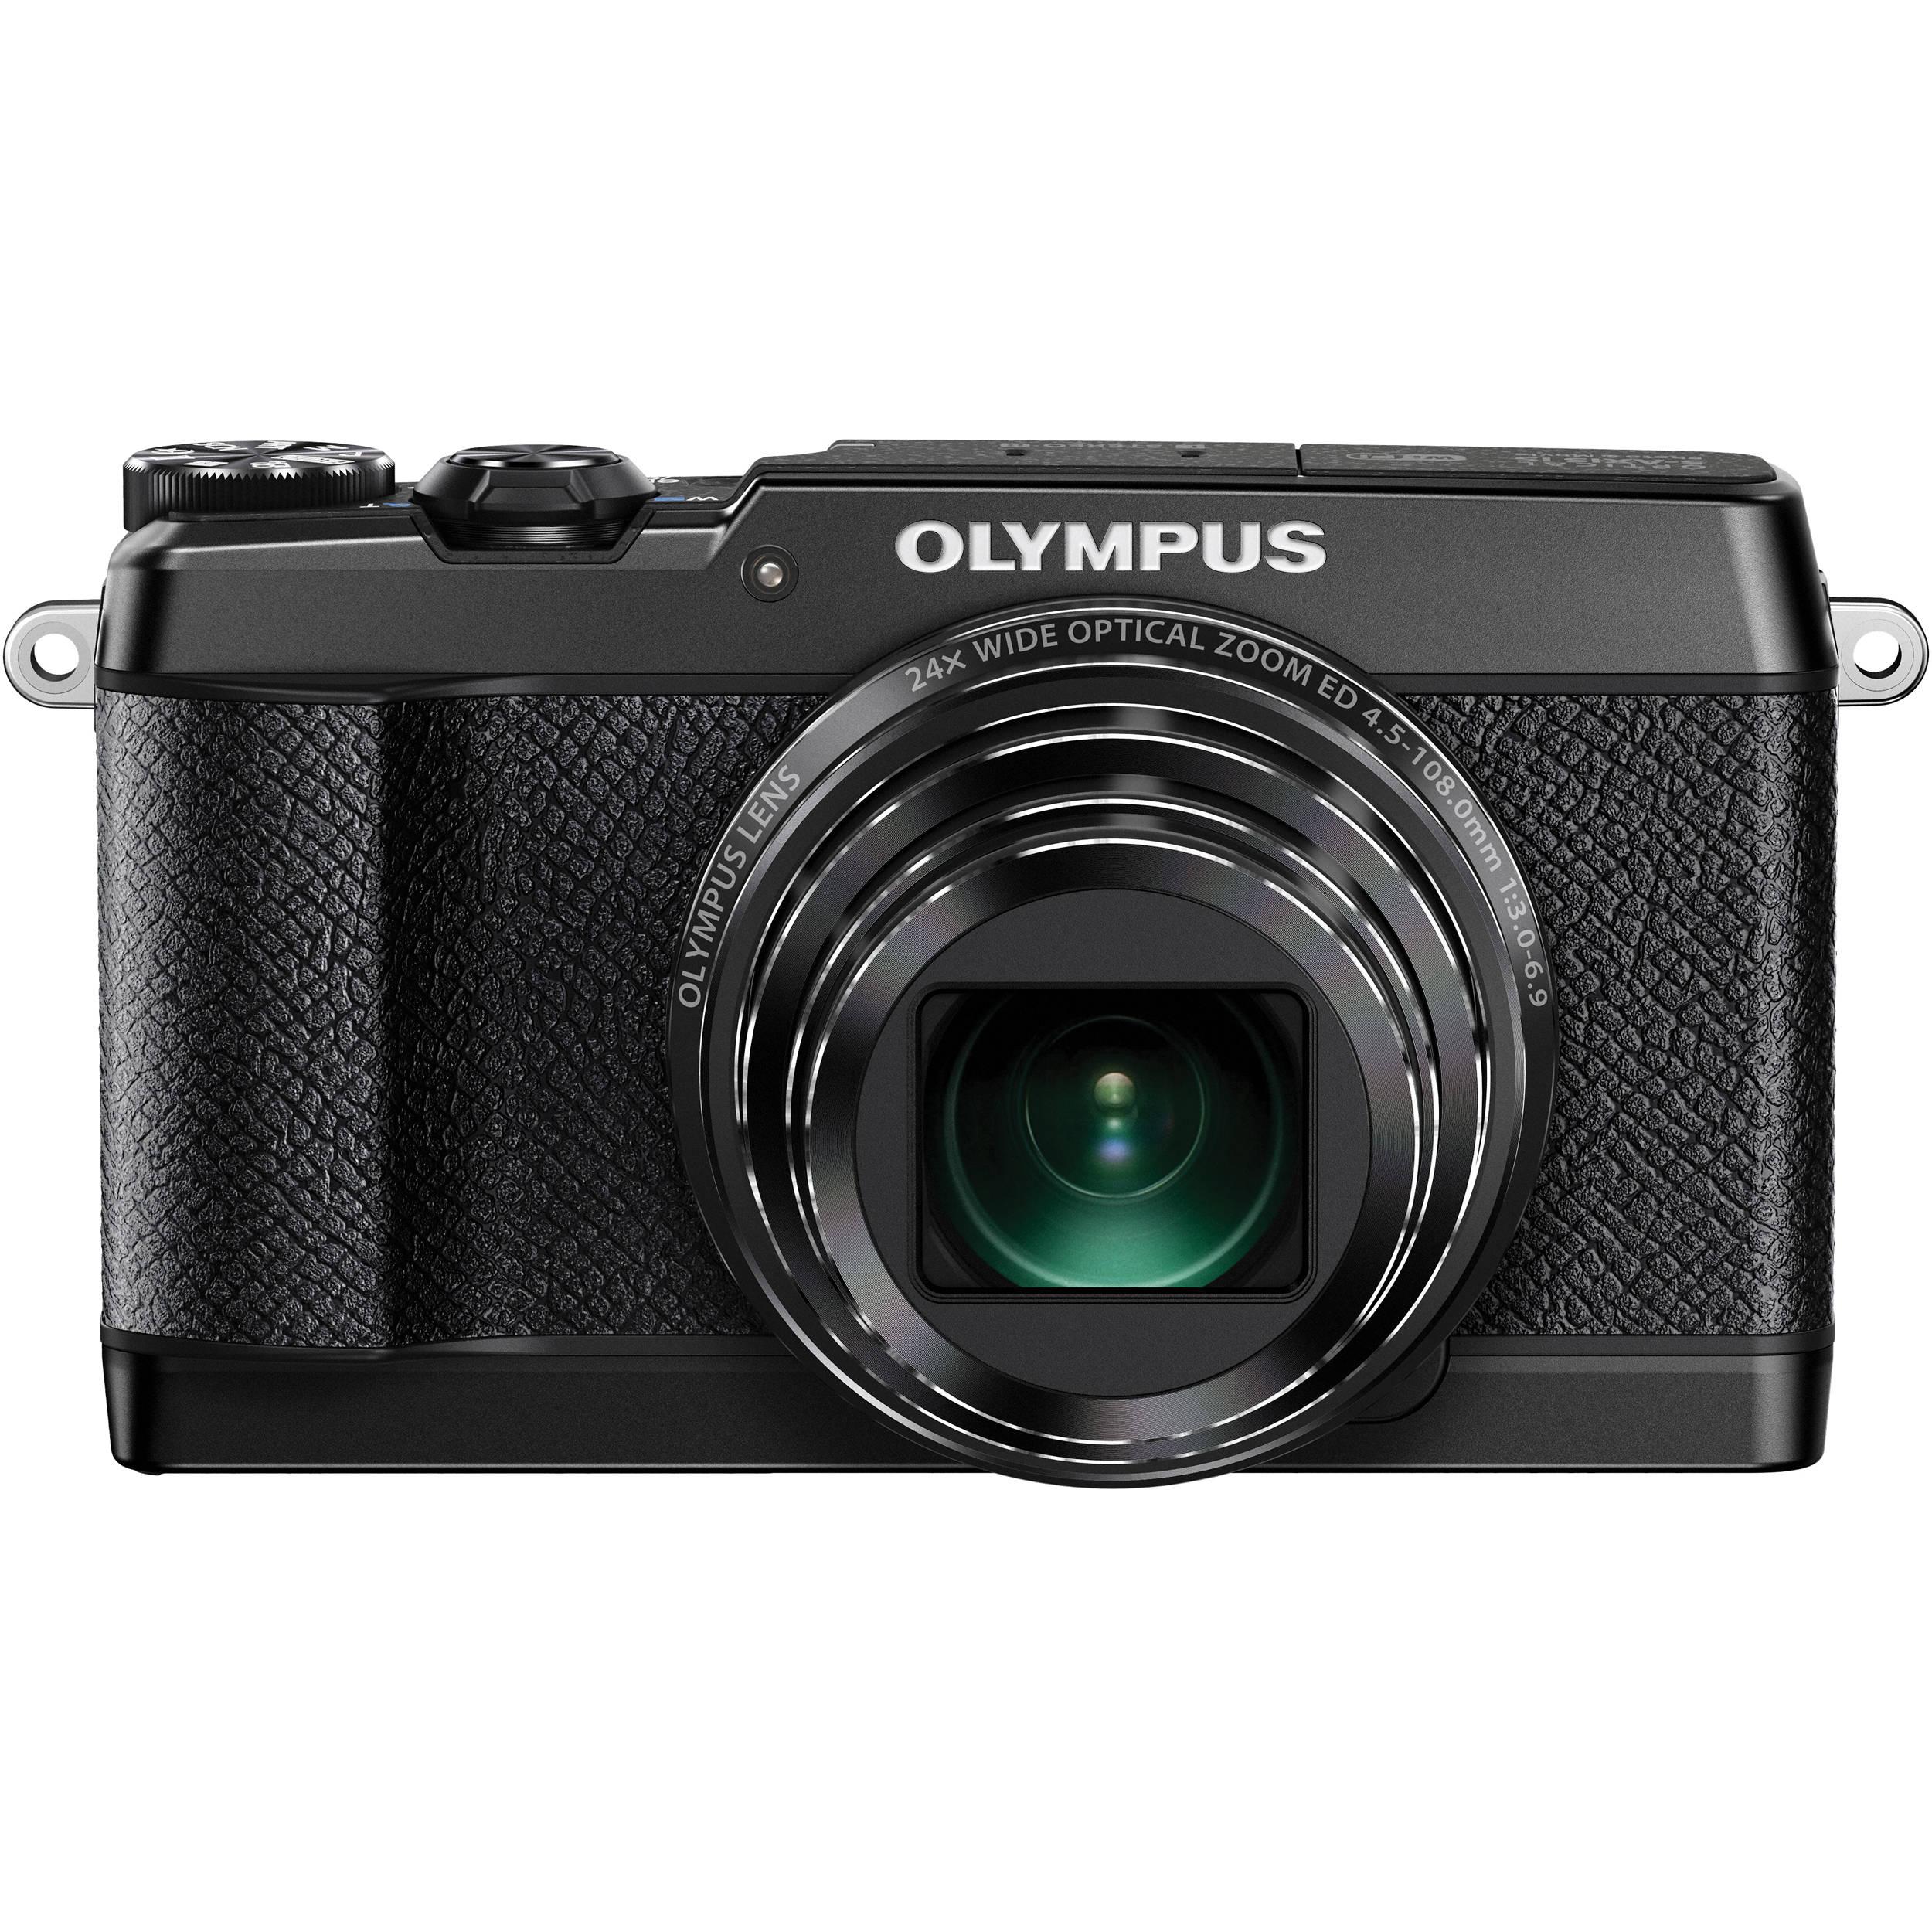 Olympus Digital Camera: Olympus Stylus SH-2 Digital Camera (Black) V107090BU000 B&H